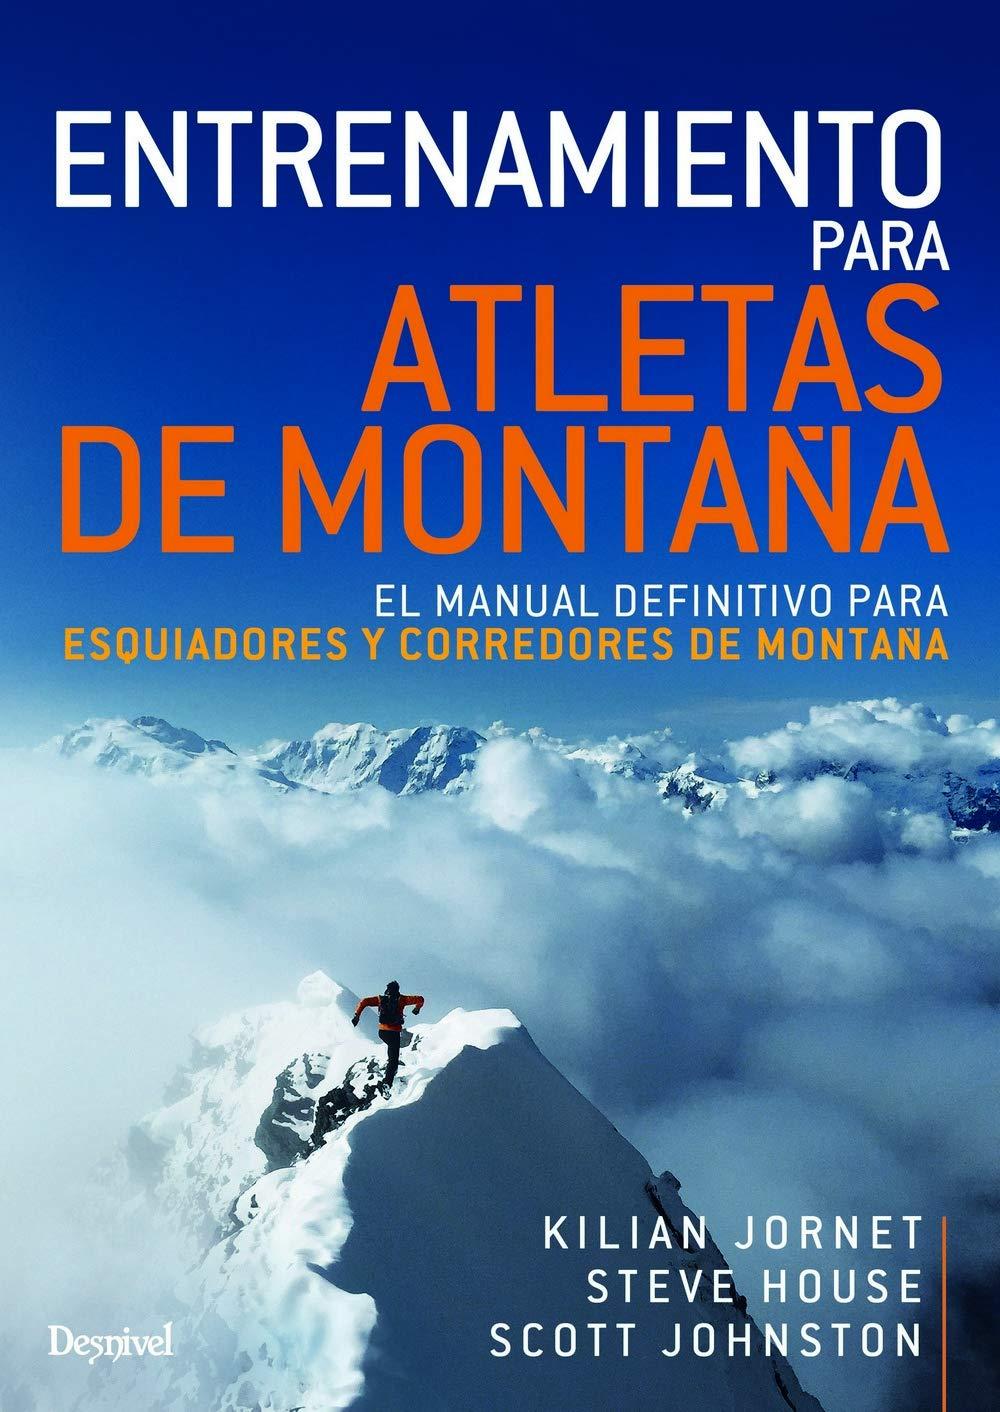 Entrenamiento para Atletas De Montaña. El Manual definitivo para Esquiiadores y Corredores De Montaña: El manual definitivo para esquiadores y corredores de montaña